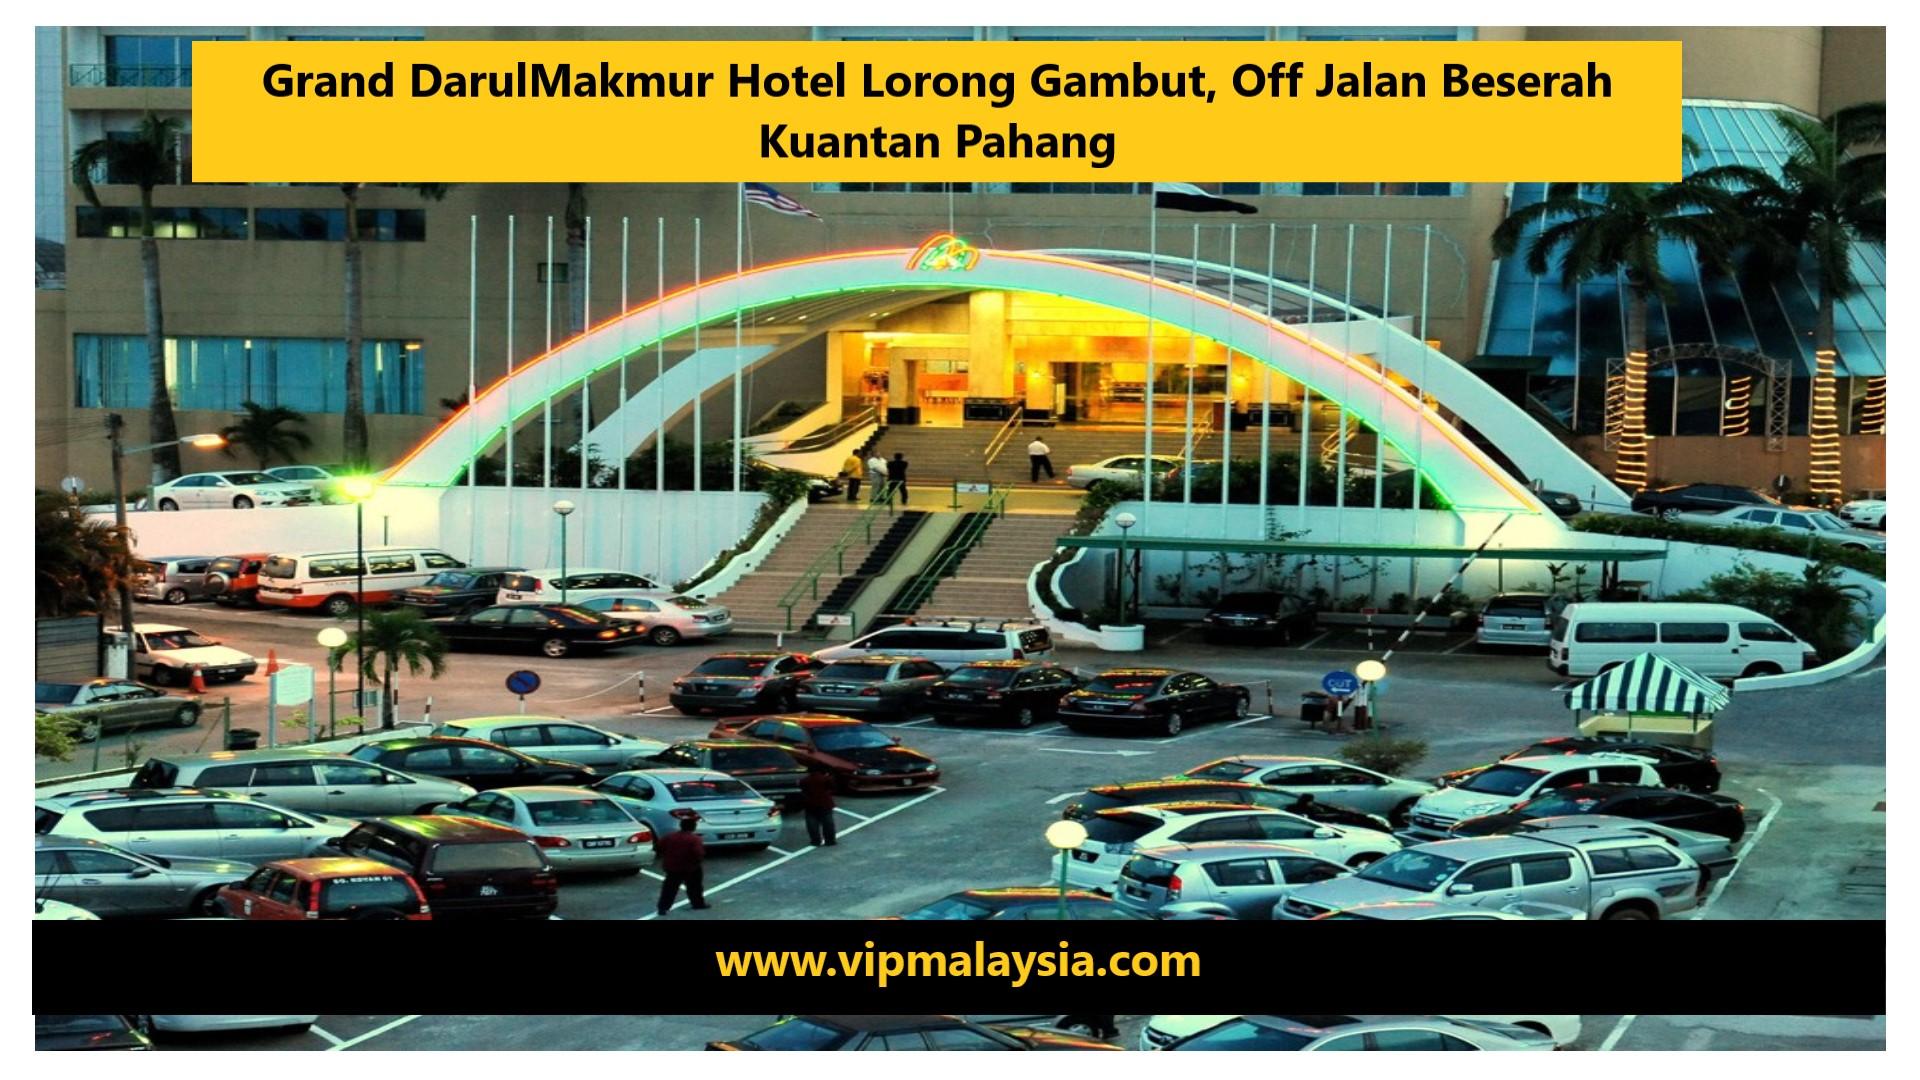 Grand DarulMakmur Hotel, Lorong Gambut Off Jalan Beserah Kuantan Pahang